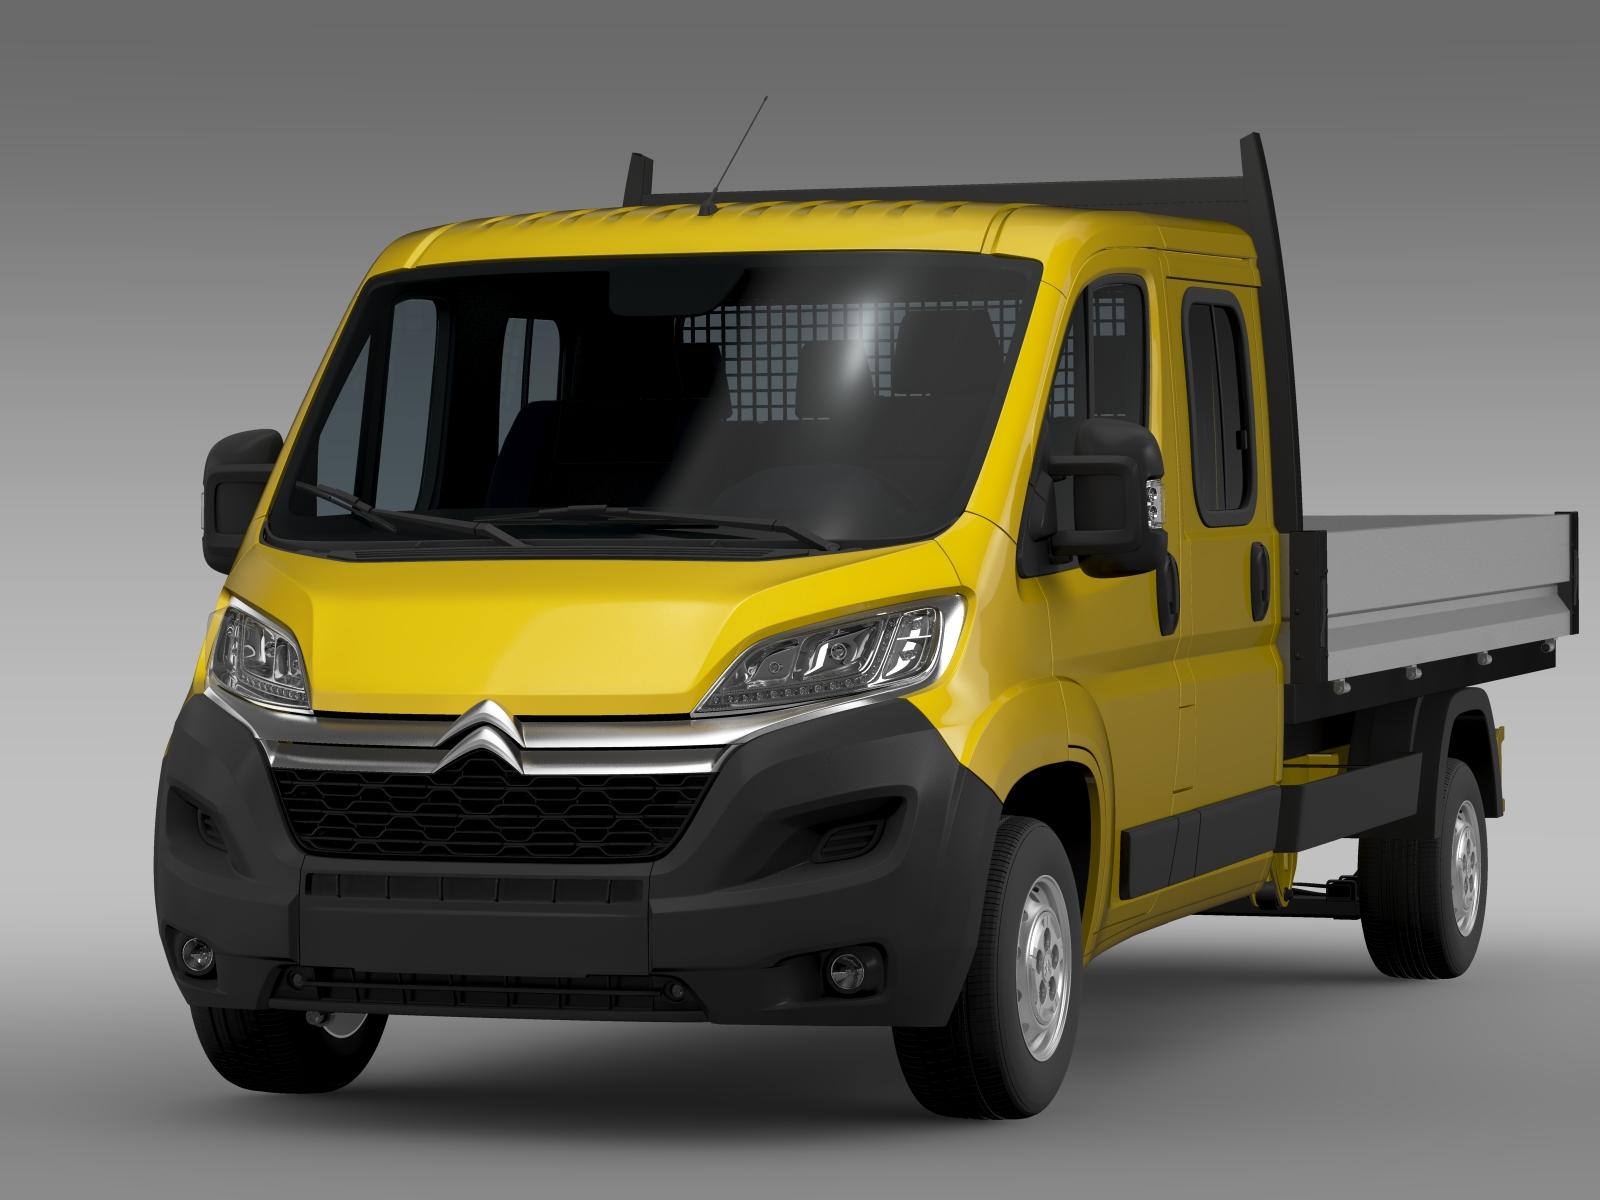 citroen jumper crew cab truck 2016 3d model flatpyramid. Black Bedroom Furniture Sets. Home Design Ideas